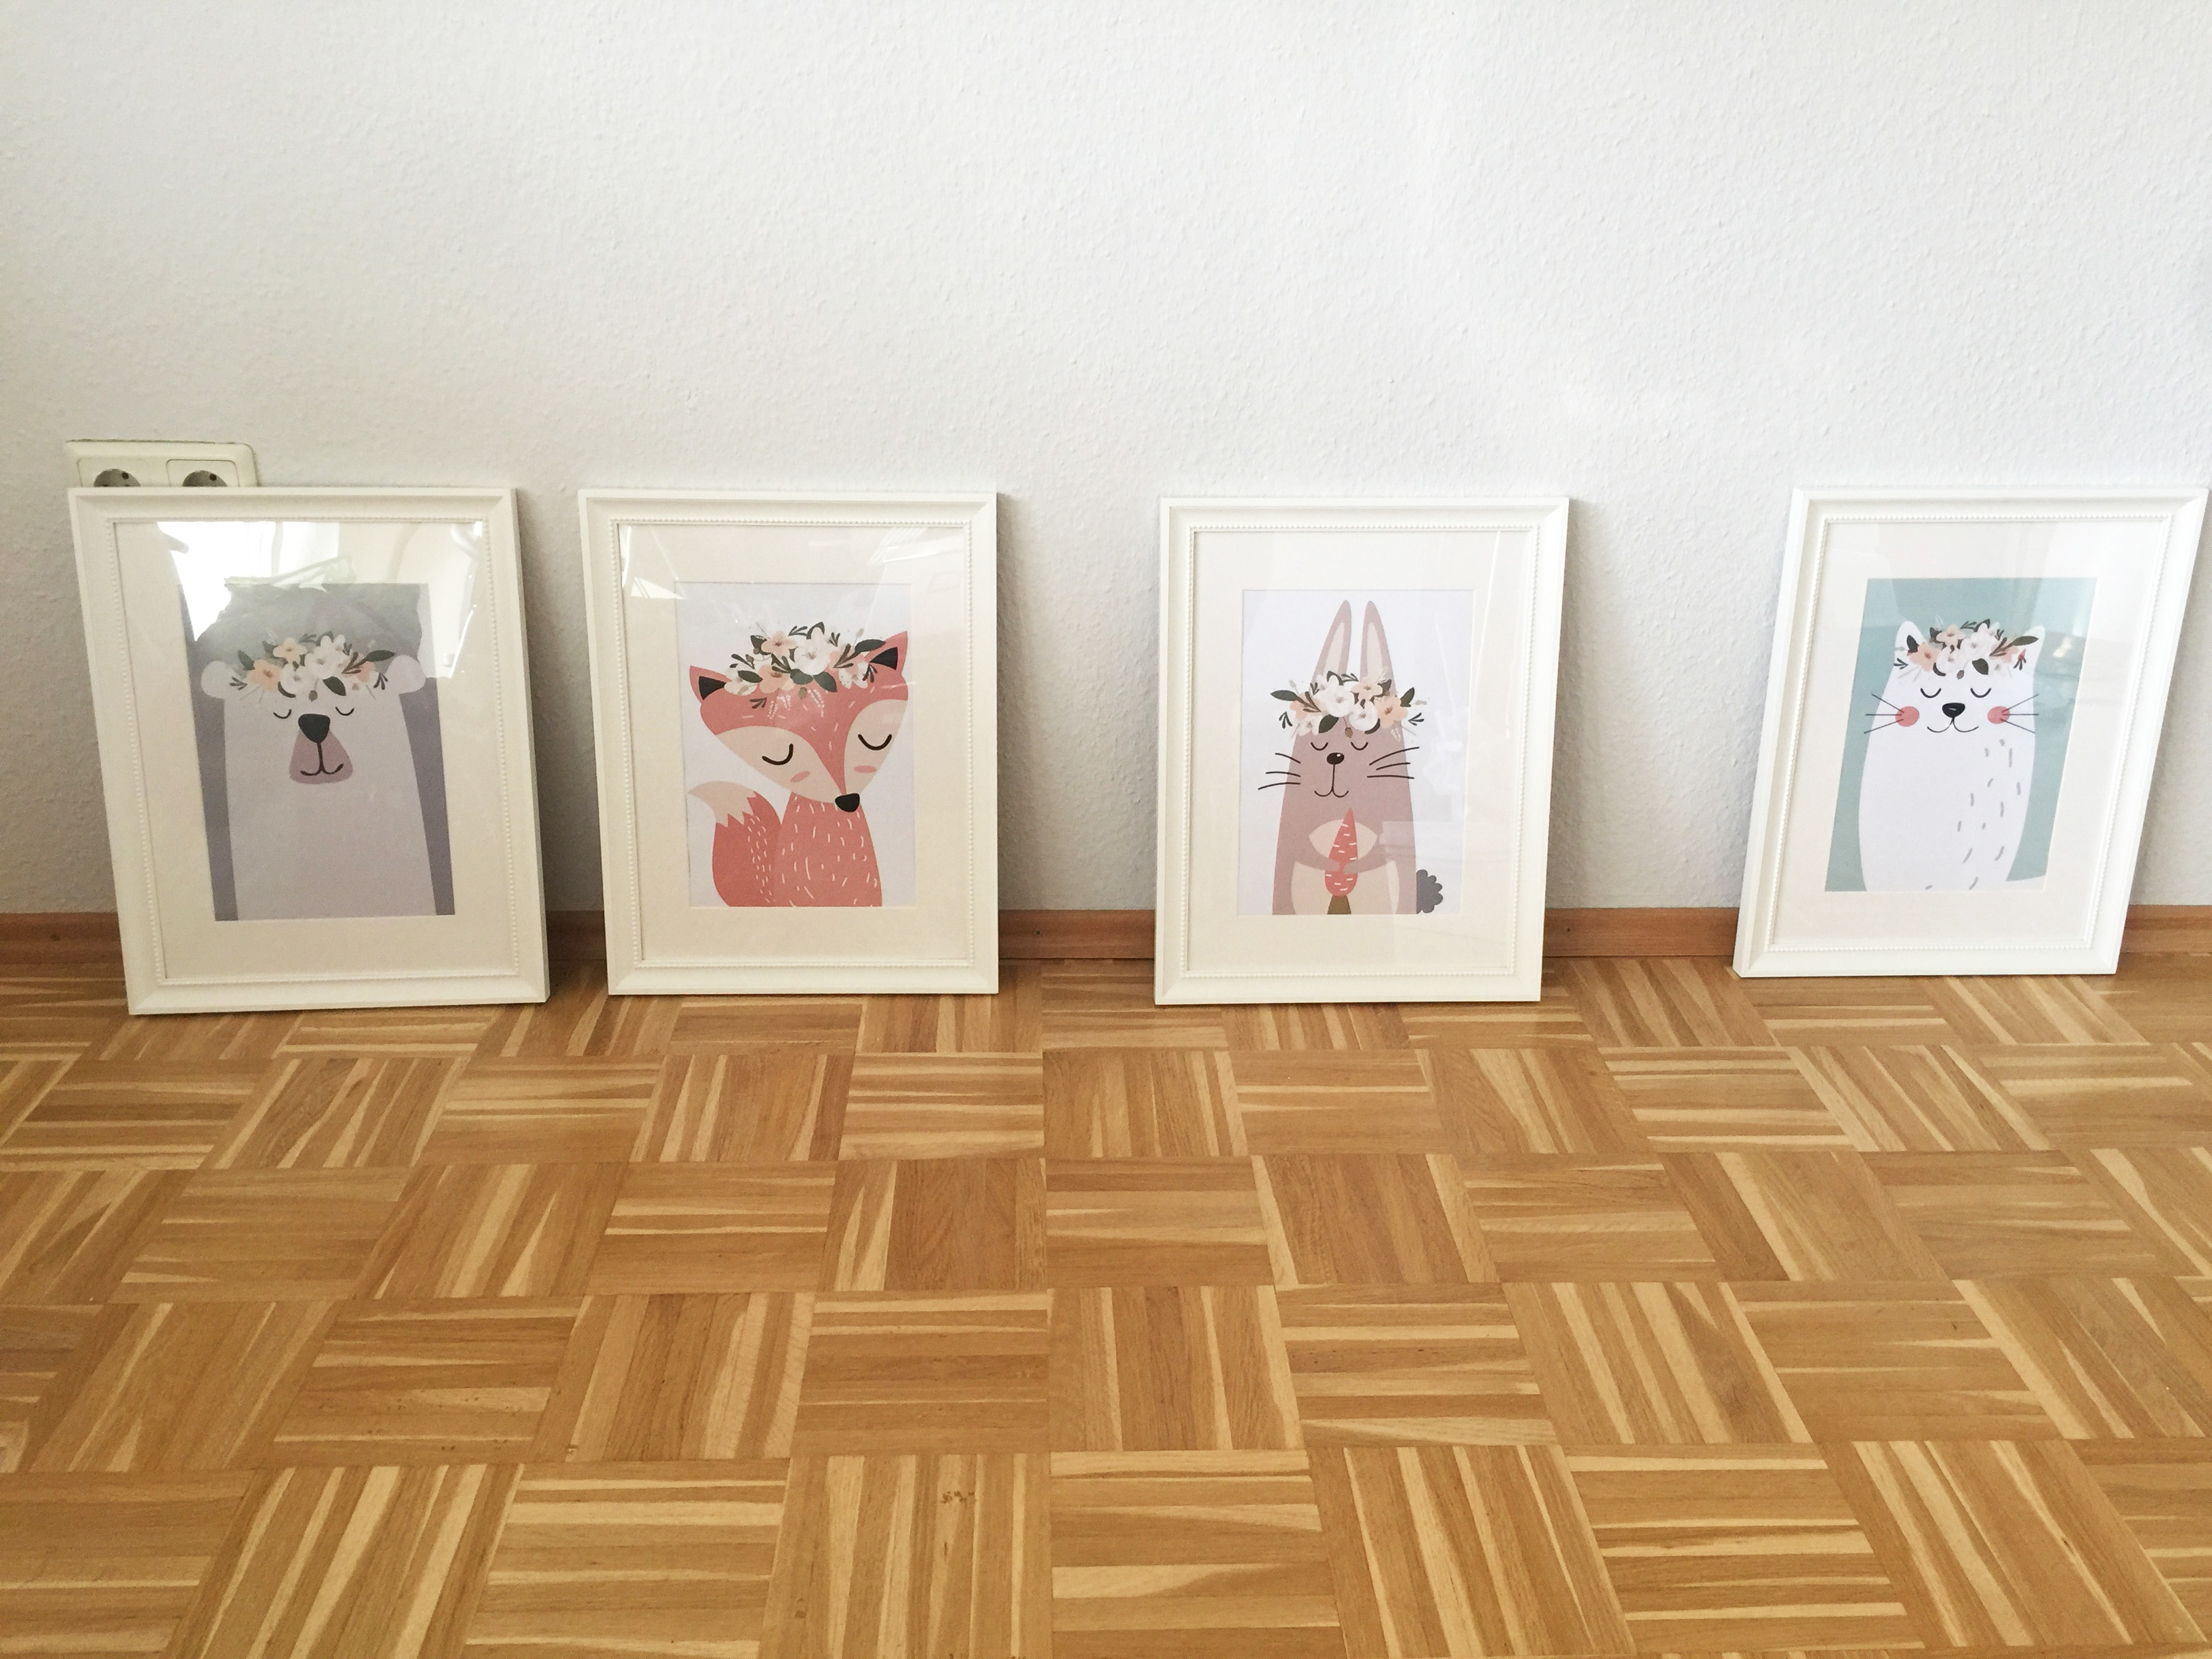 Serie mit gerahmten Postern für das Kinderzimmer - @myposter / Anne-Catrin